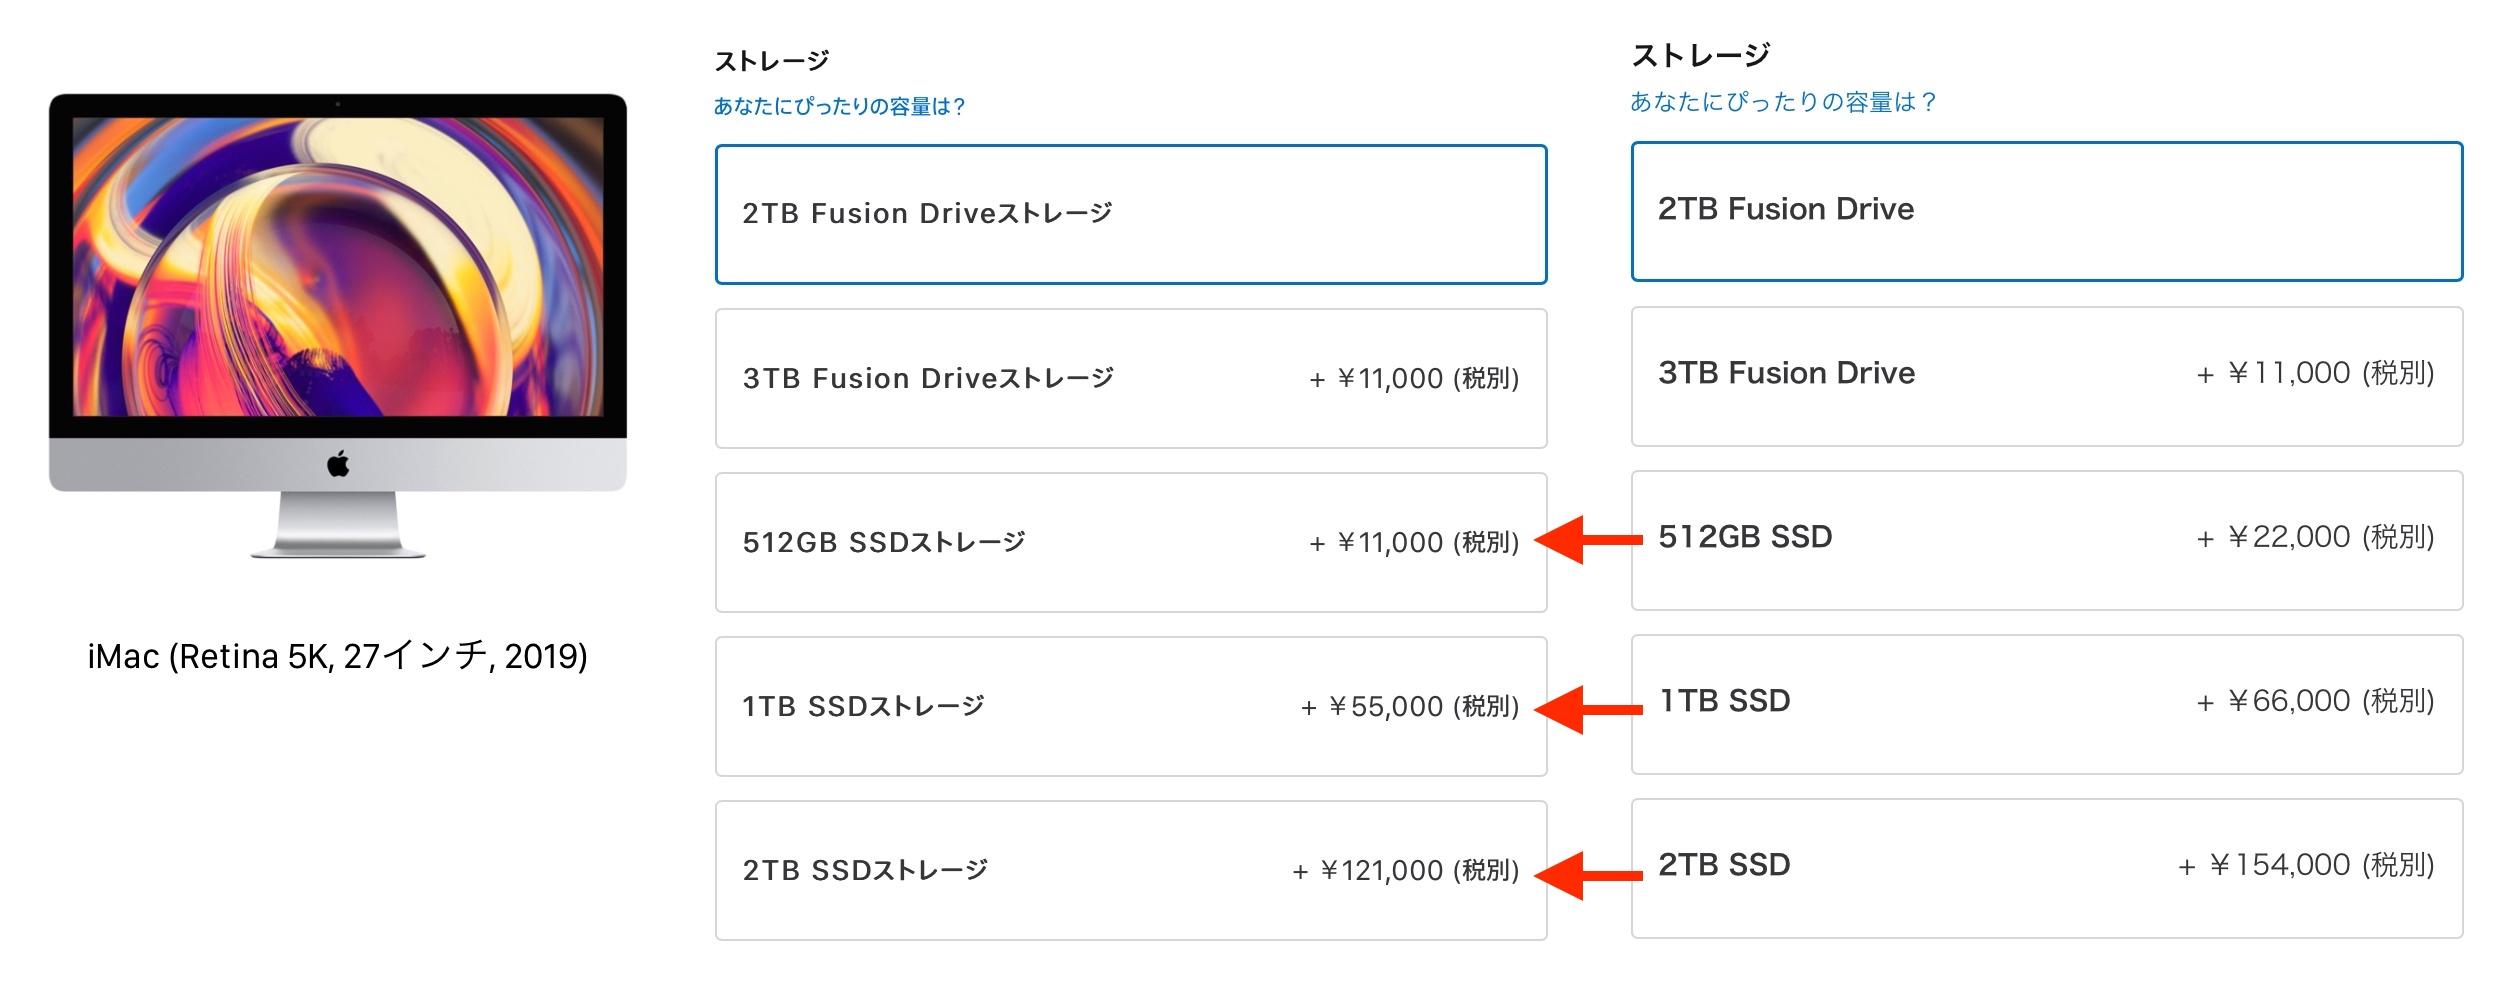 iMac 2019のSSD価格